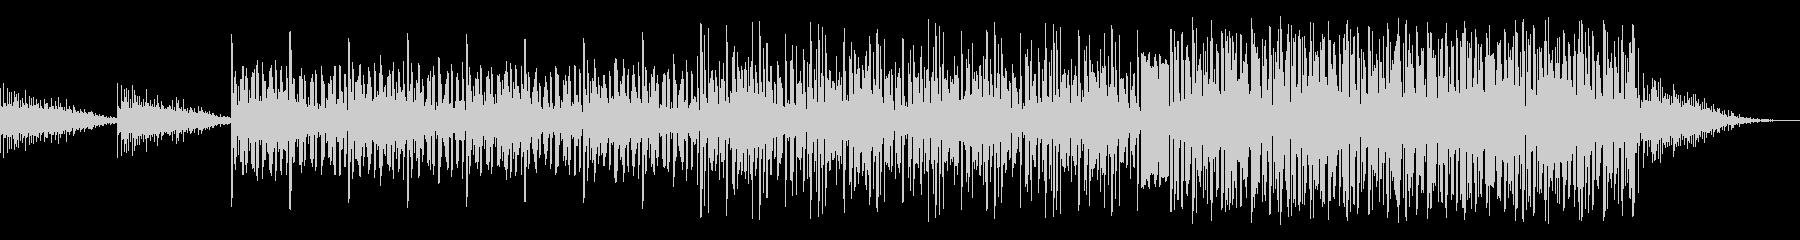 波の音が特徴的なミステリー向け曲の未再生の波形